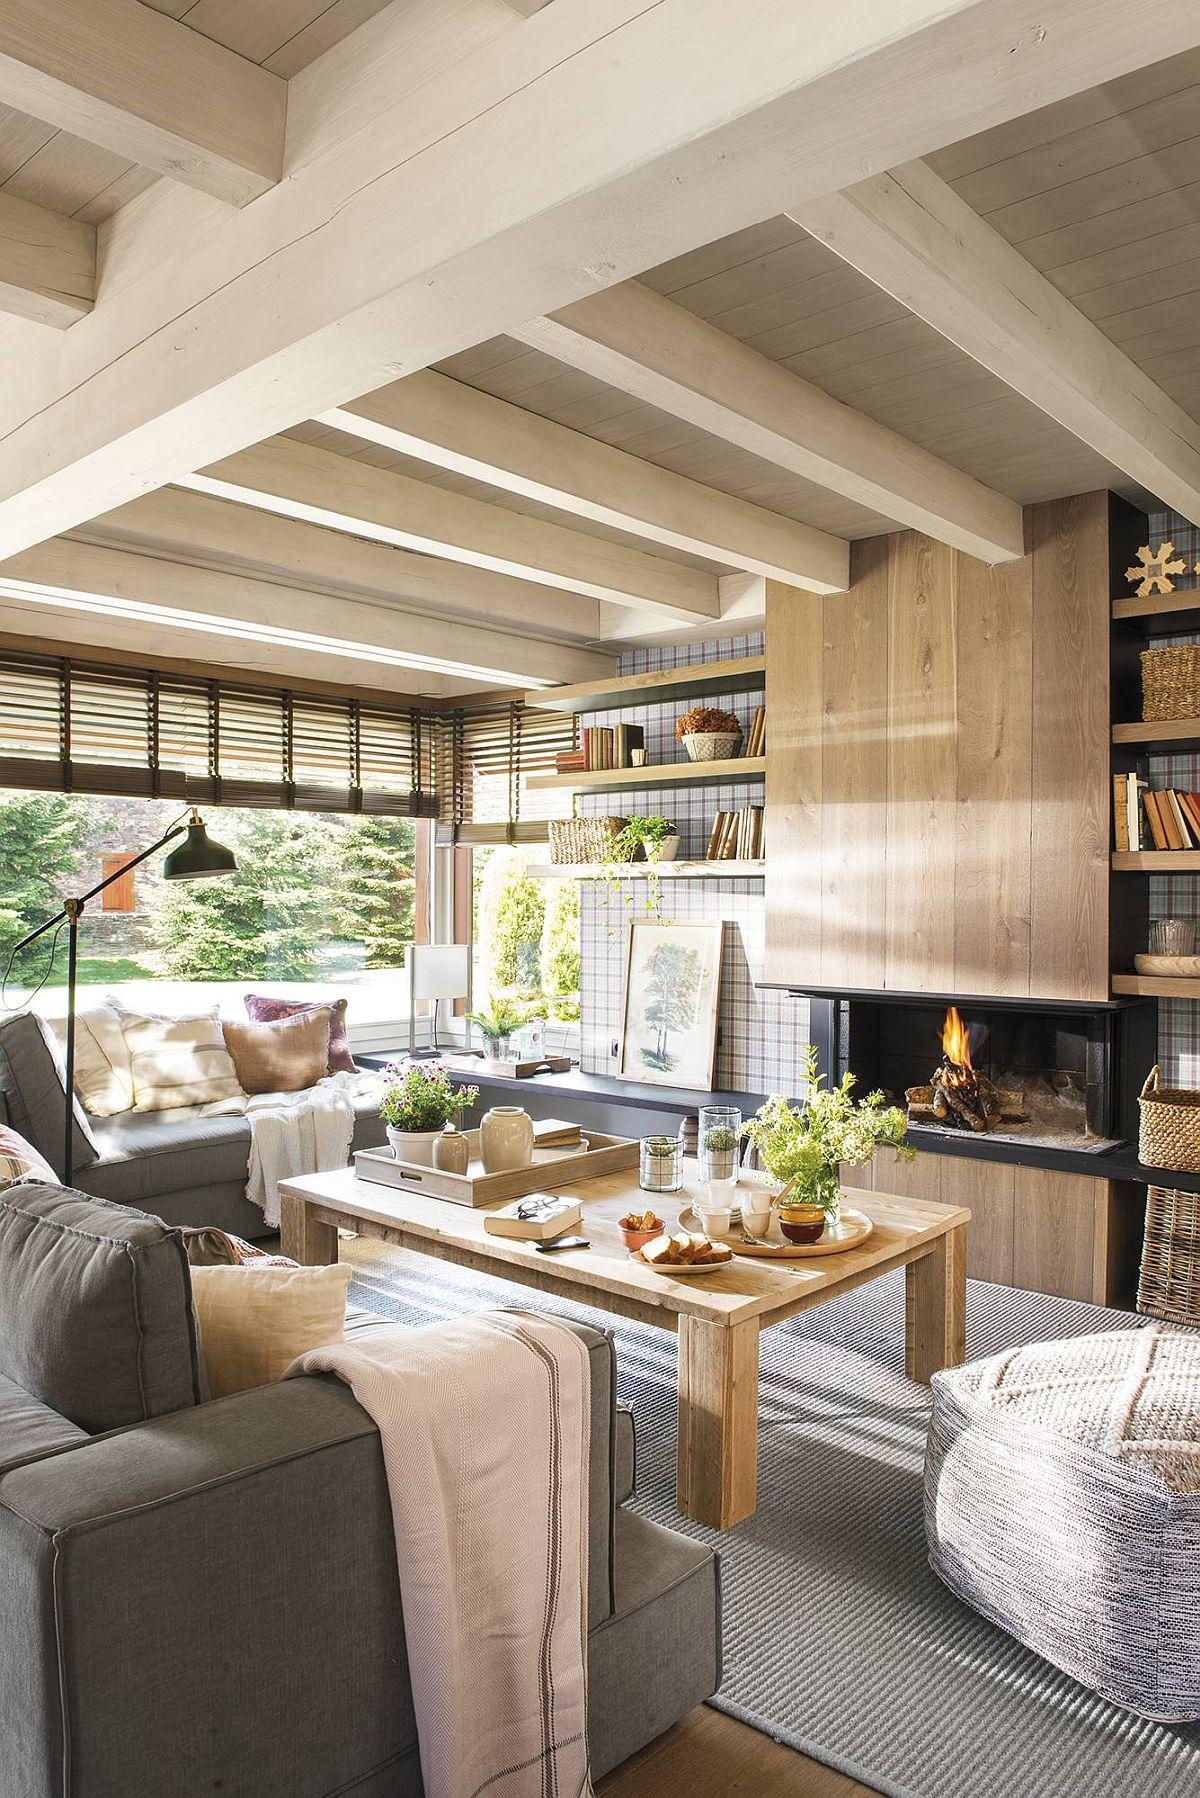 În același spațiu cu sufragerie este și locul de conversație marcat prin poziționarea mobilierului. Practic doar prin așezarea canapelelor s-a demarcat livingul, fără alte separări. Dar și livingul beneficiază de o fereastră generoasă, ceea ce contribuie la atmosfera generală a casei. Dacă în sufragerie s-au prevăzut draperii, fără perdele, mai departe în living au fost prevăzute jaluzele orizontale din lemn. Fiind în același spațiu cele două zone, țesăturile draperiilor se simt în ambientul parterului, dar ele ar fi incomodat în living unde una dintre canapele este cu spatele la fereastră. De remarcat tapițeria gri pentru canapele, o culoare care se asortează ușor cu orice altă nuanță, dar care rezistă și la murdărire, mai ales că în această casă sunt trei copii de vârstă școlară.